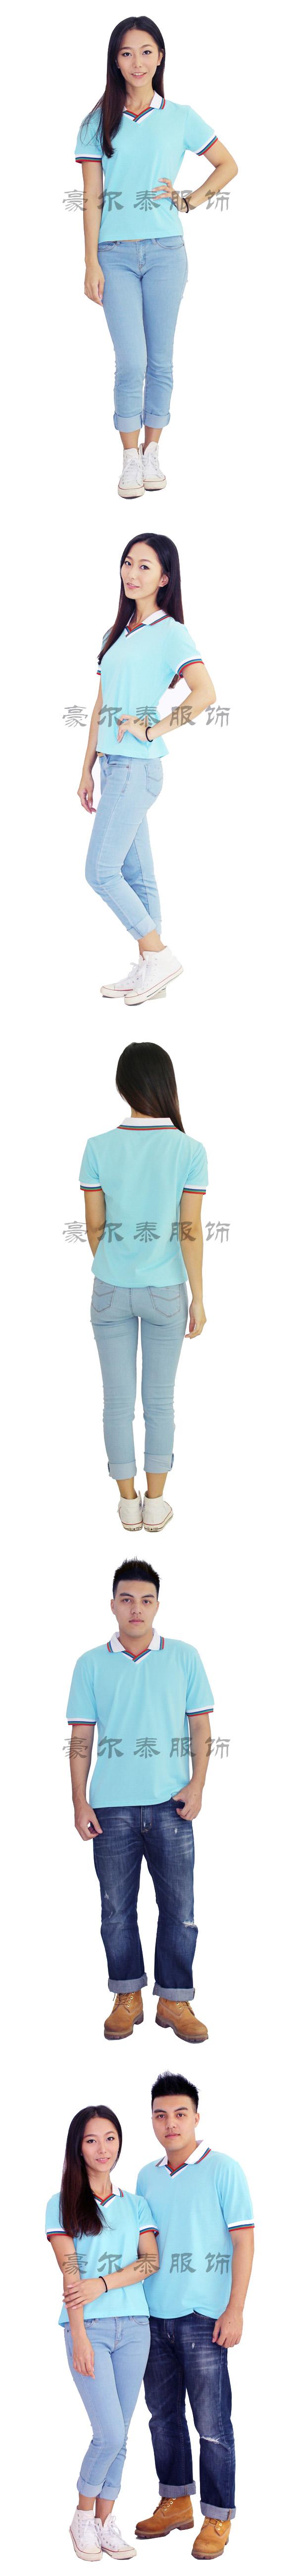 豪尔泰服饰 T恤衫工作服 HTX1308